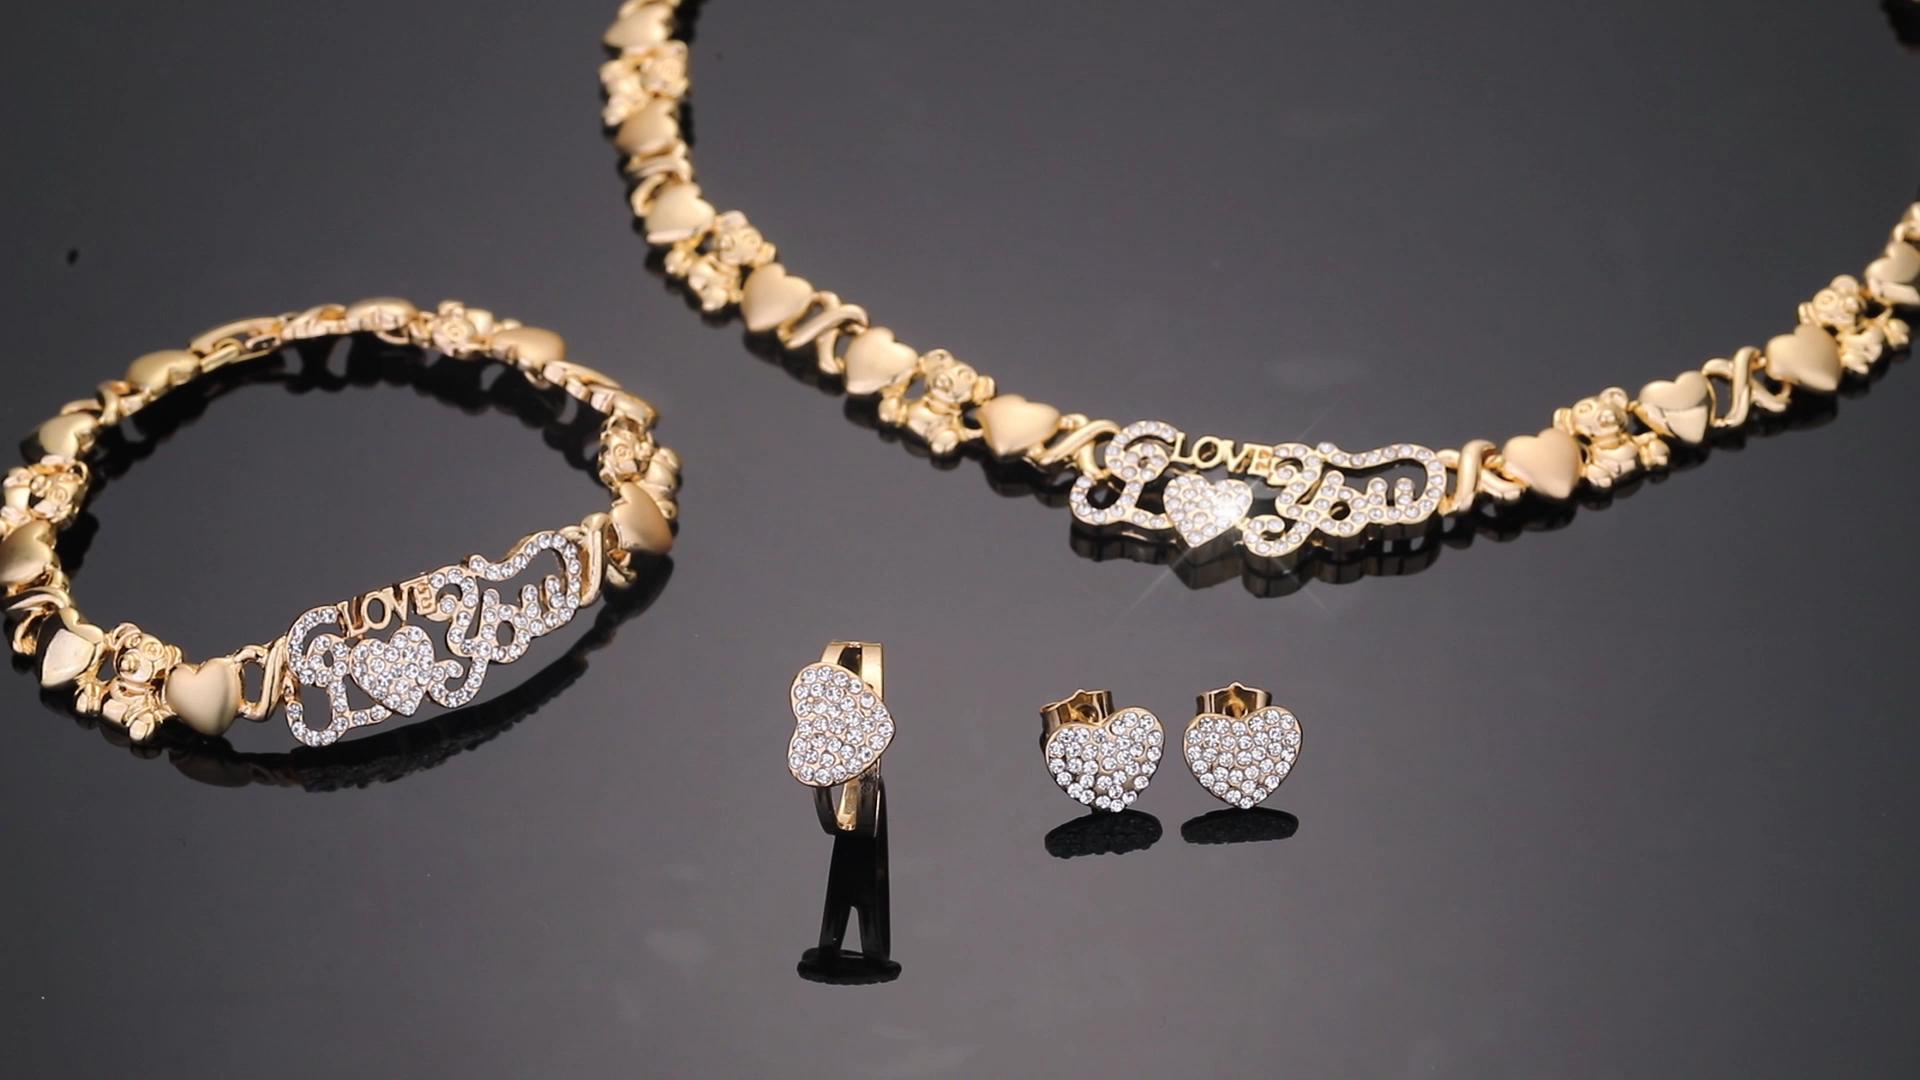 Xoxo Gold gefüllt schmuck mode schmuck 2020 14k gold schmuck großhandel